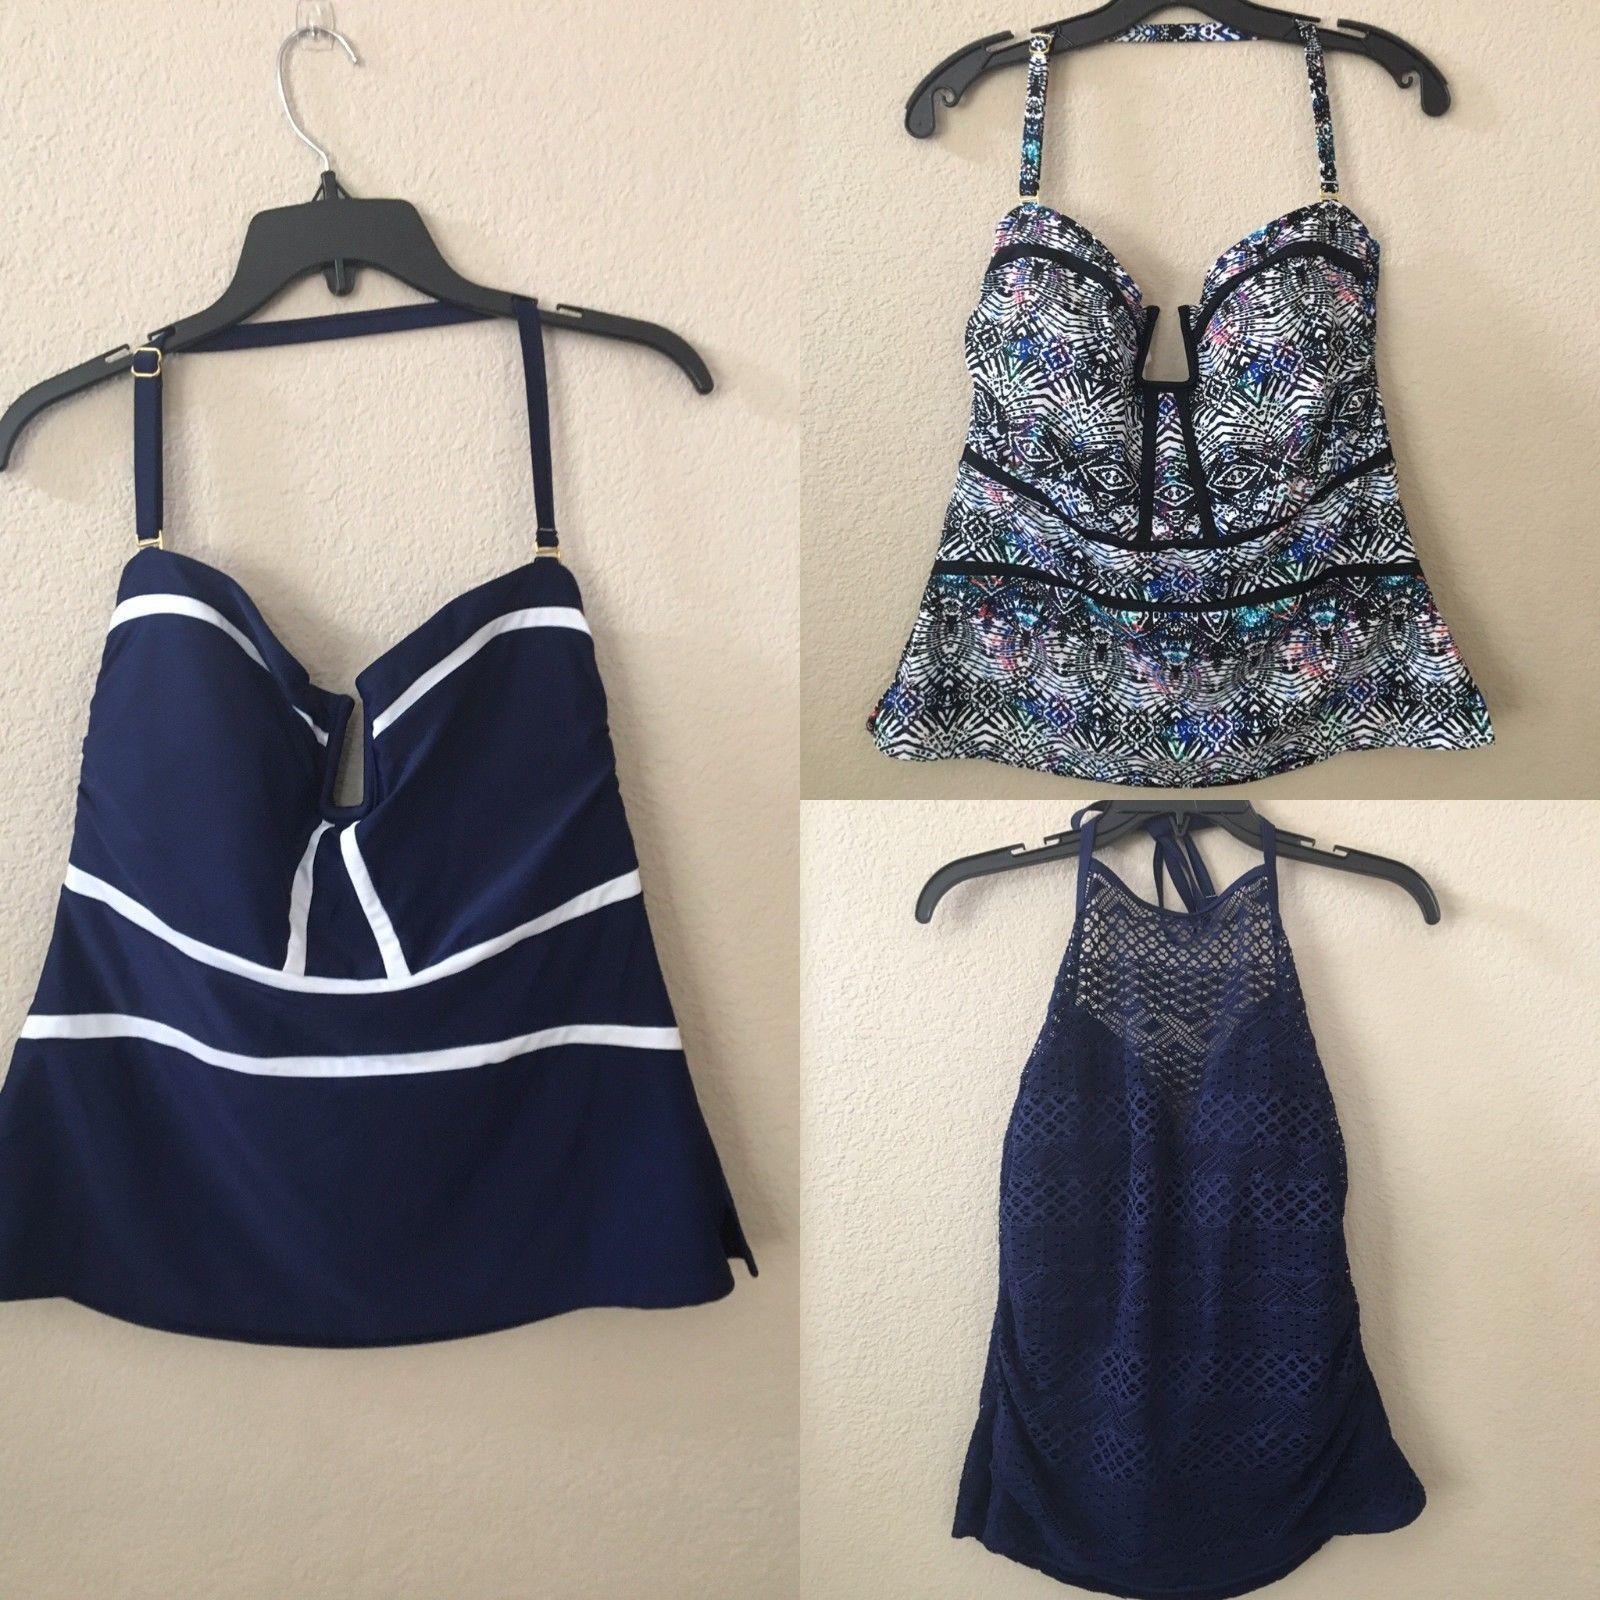 87d2d83a85dec 3 NWT Island Escape Crochet Tankini Swim Top and 27 similar items. S l1600